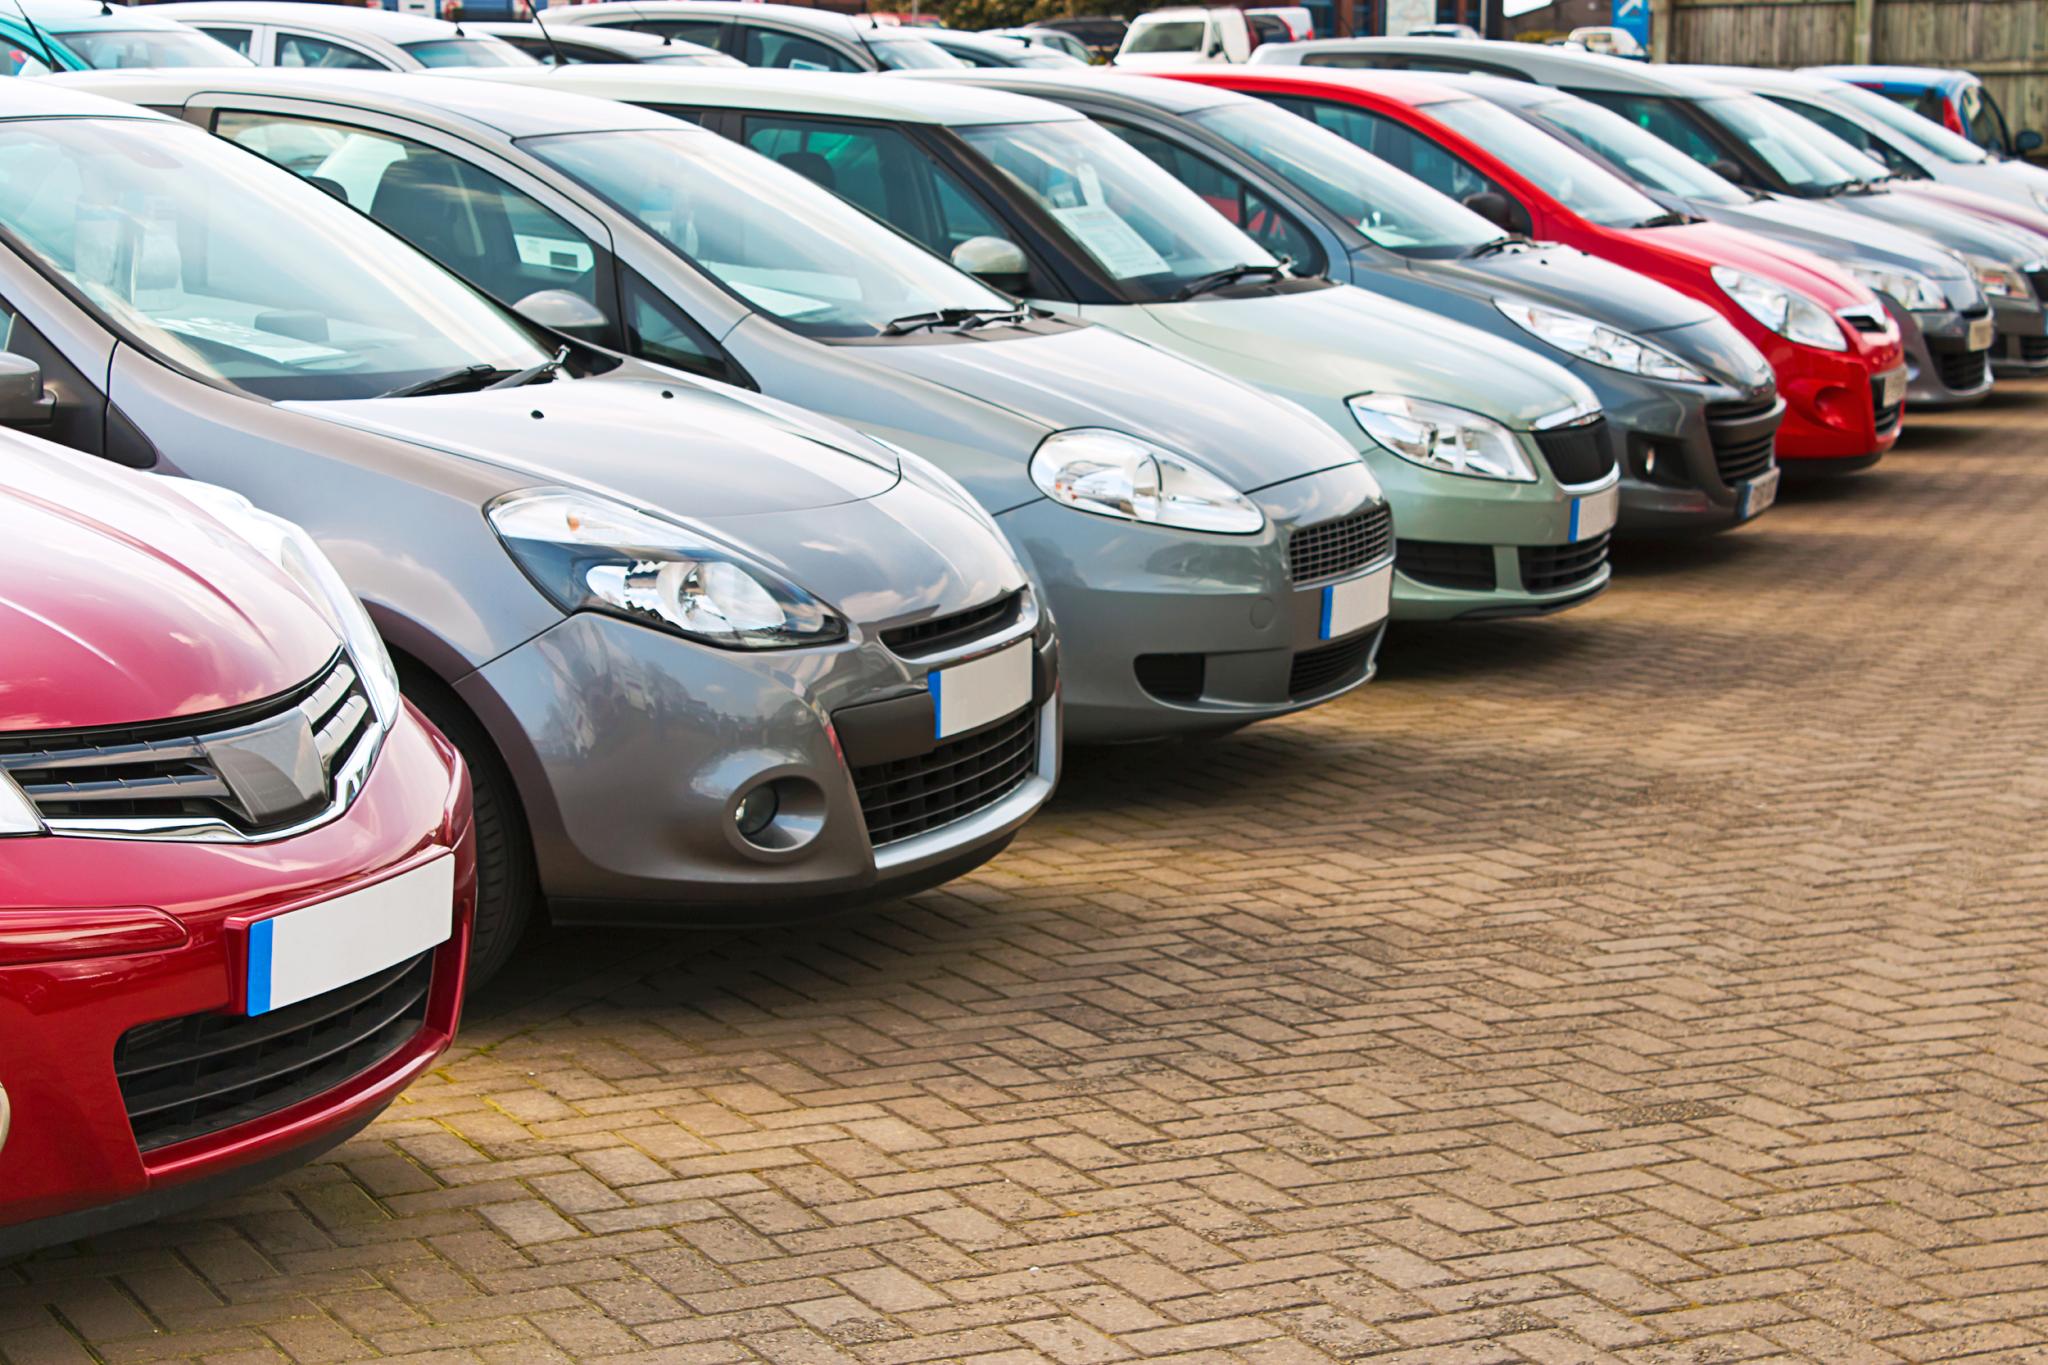 Os 10 carros mais roubados do Rio Grande do Sul